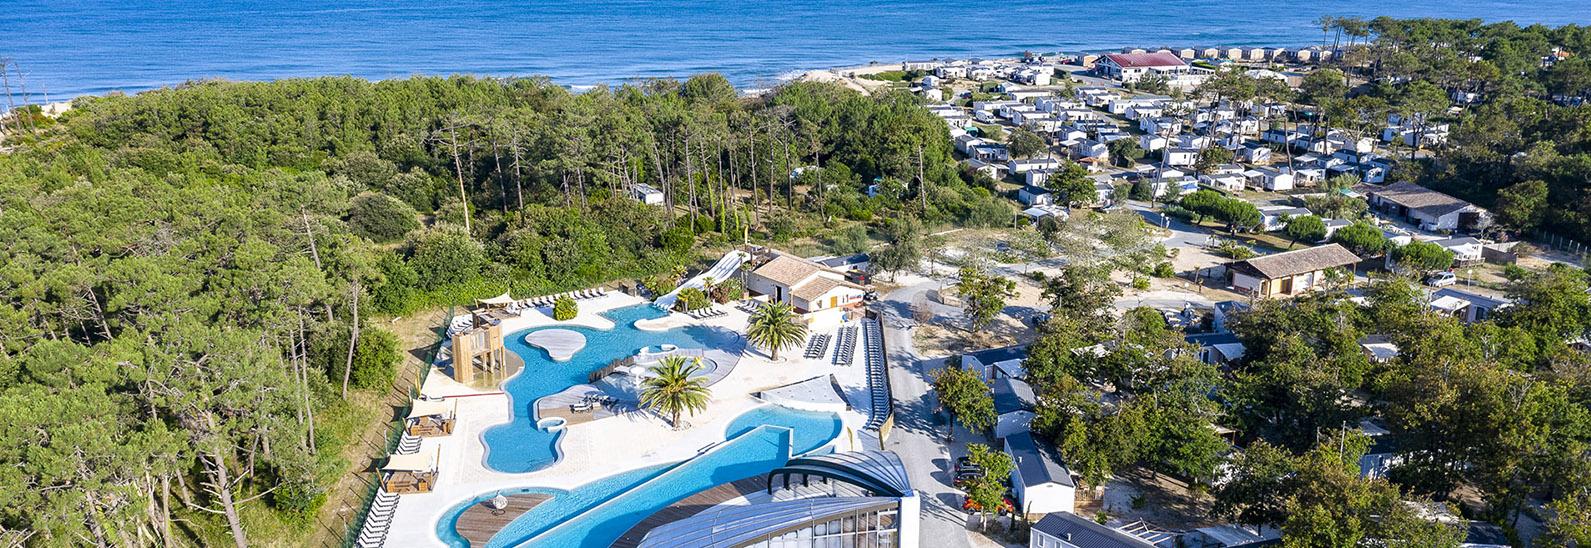 Luftaufnahme von Campingplatz am Meer mit Wasserpark